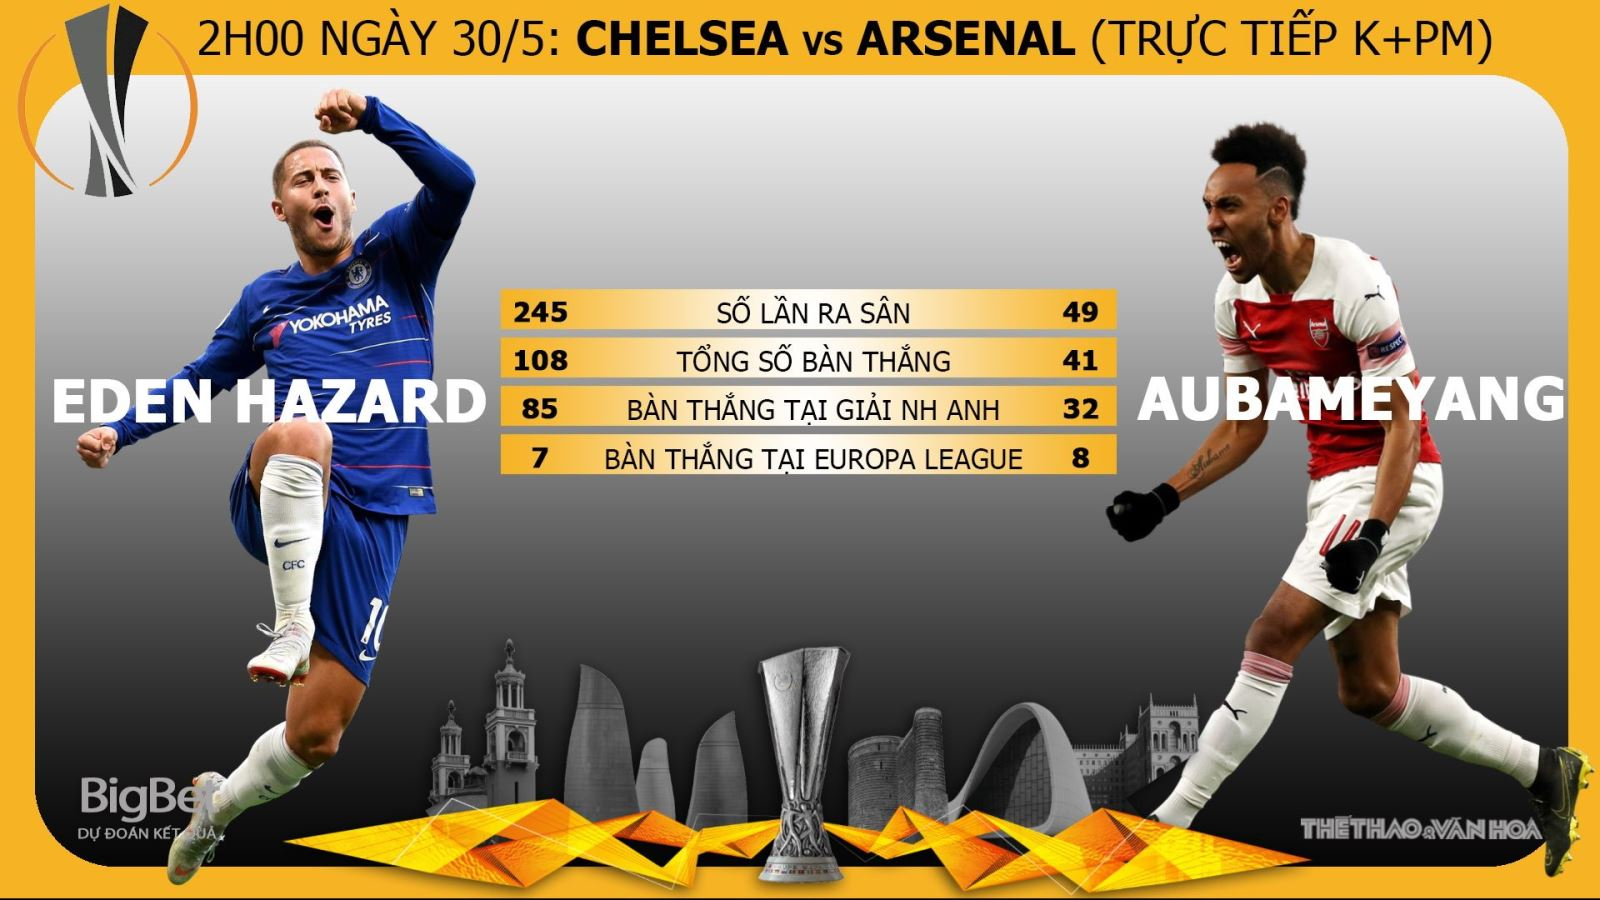 VIDEO: Soi kèo Chelsea vs Arsenal, Chung kết C2. Trực tiếp bóng đá Chelsea đấu với Arsenal